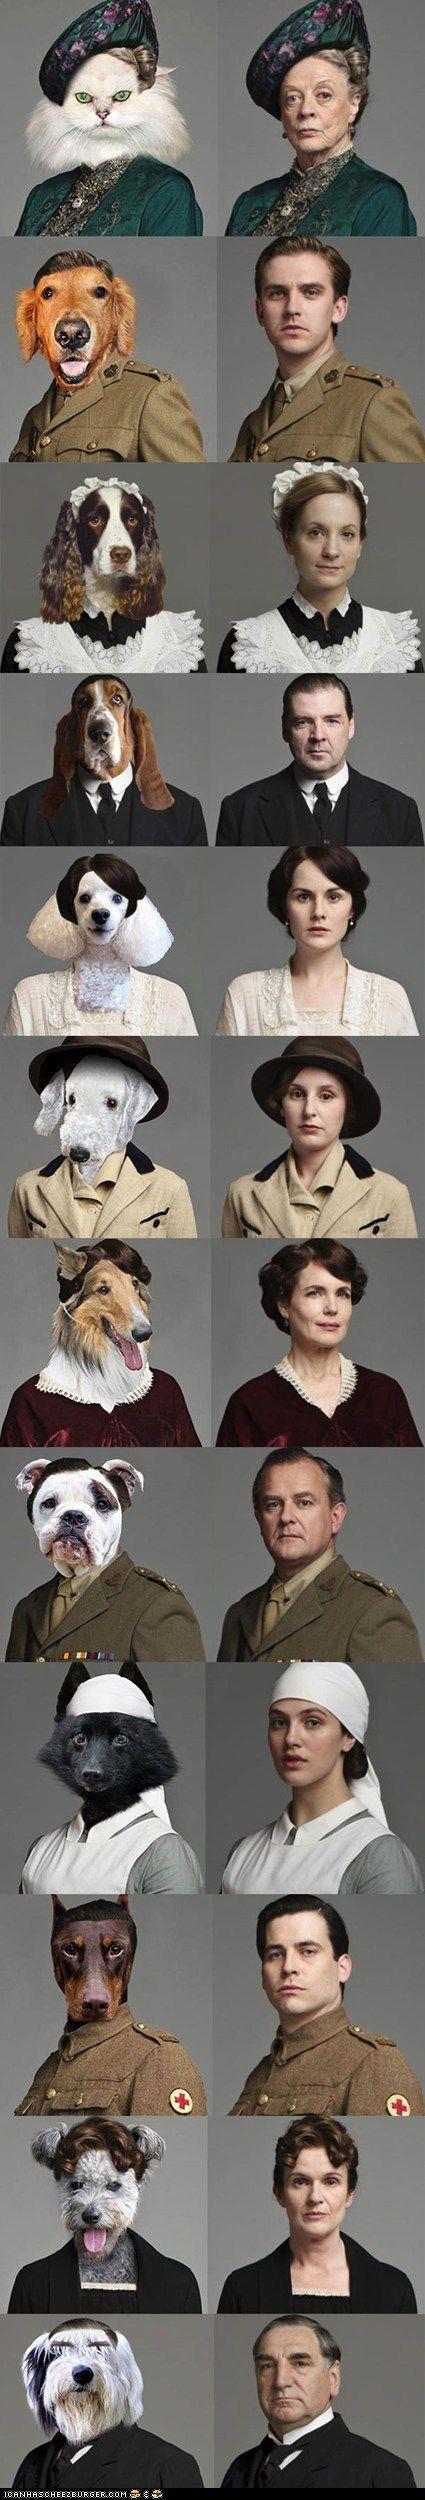 Downton Abbey... hahahahaha!!